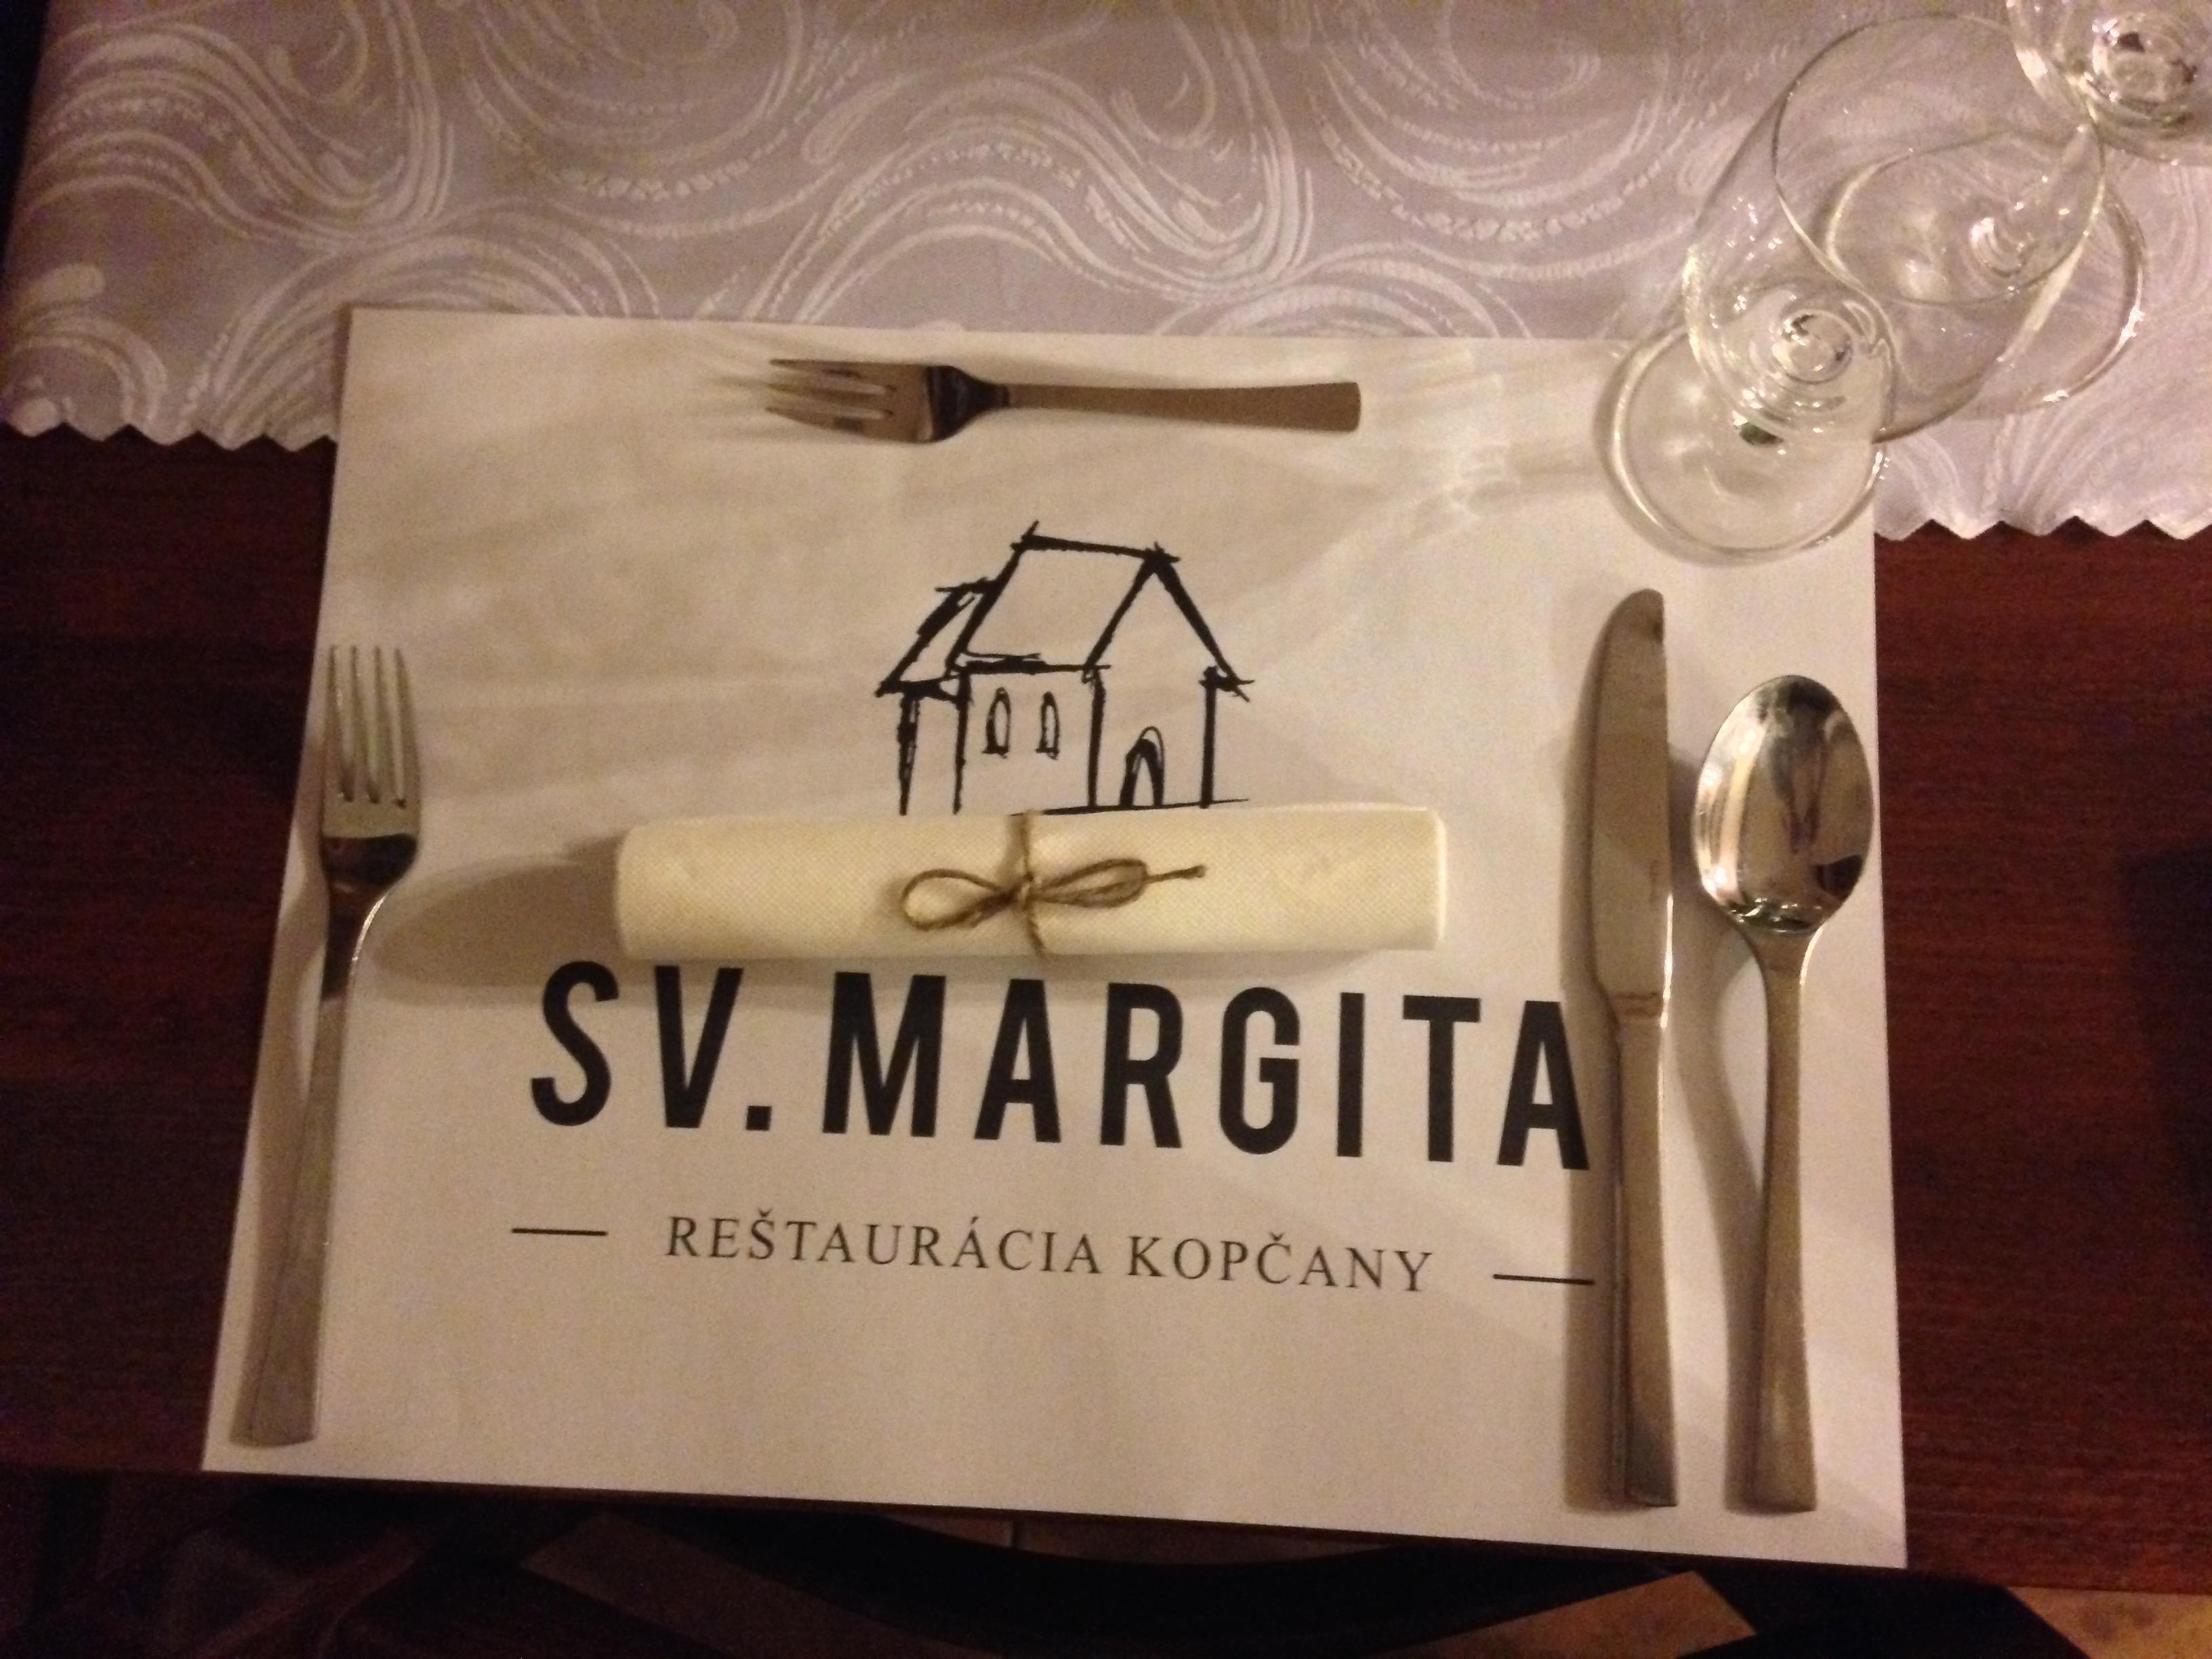 Reštaurácia sv. Margita